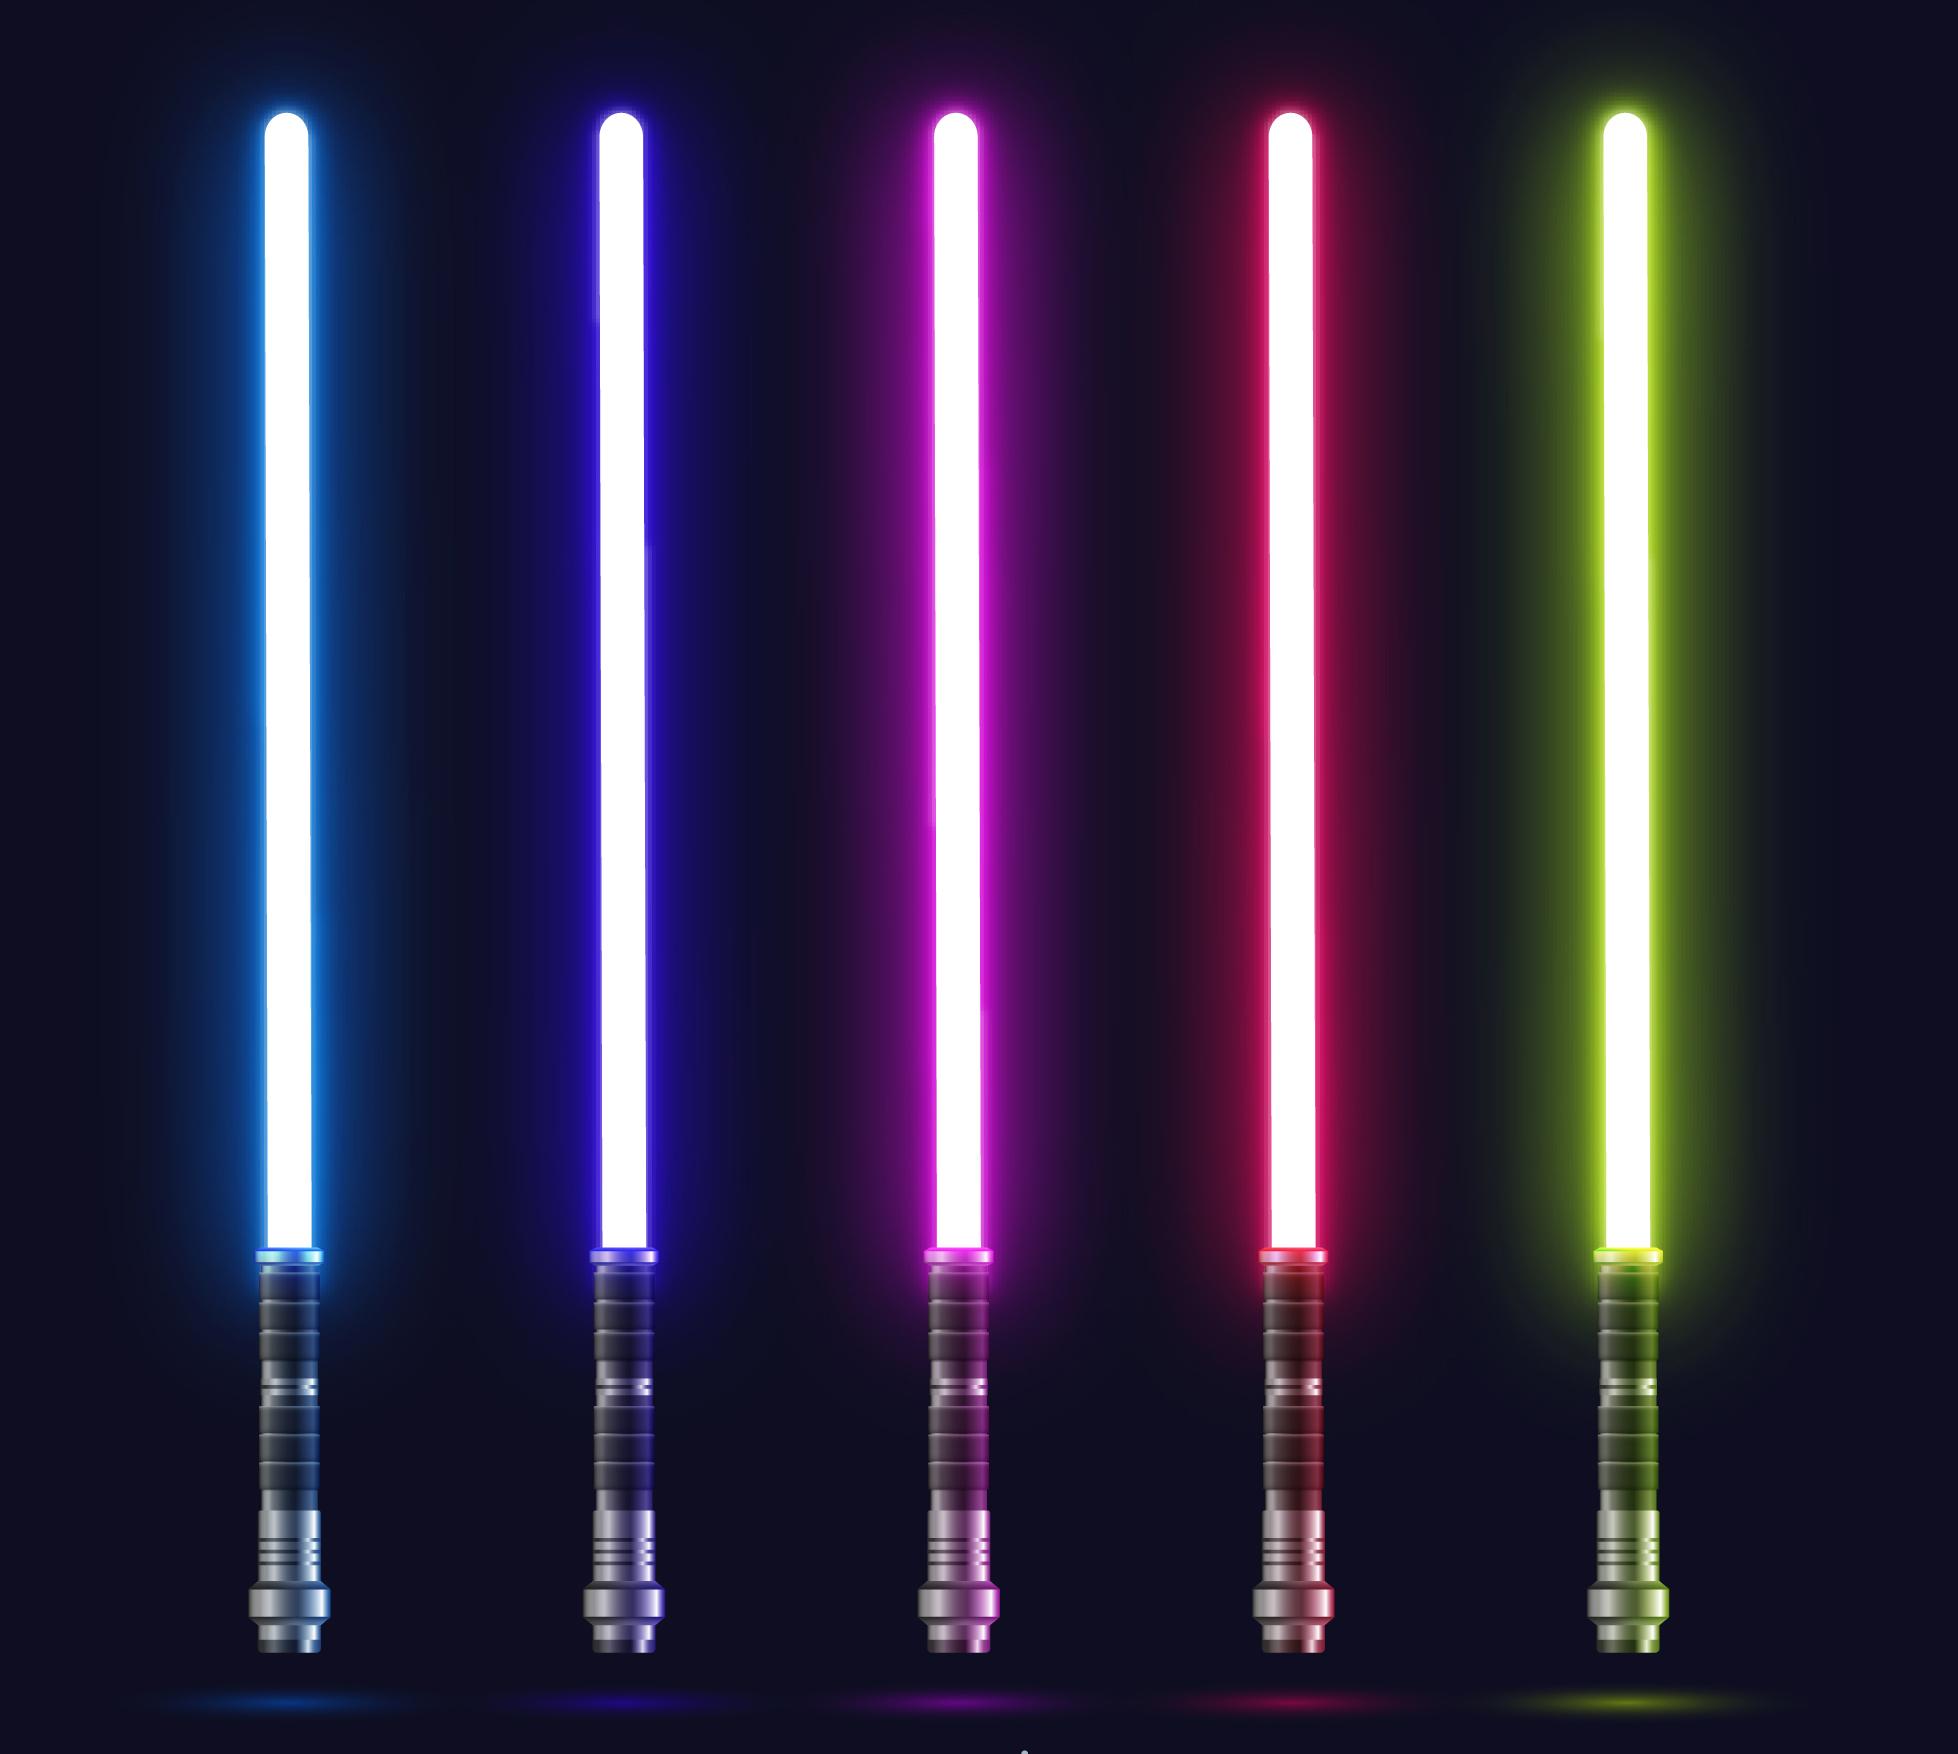 icone sabre laser combat sabre laser archerie tag evg evjf